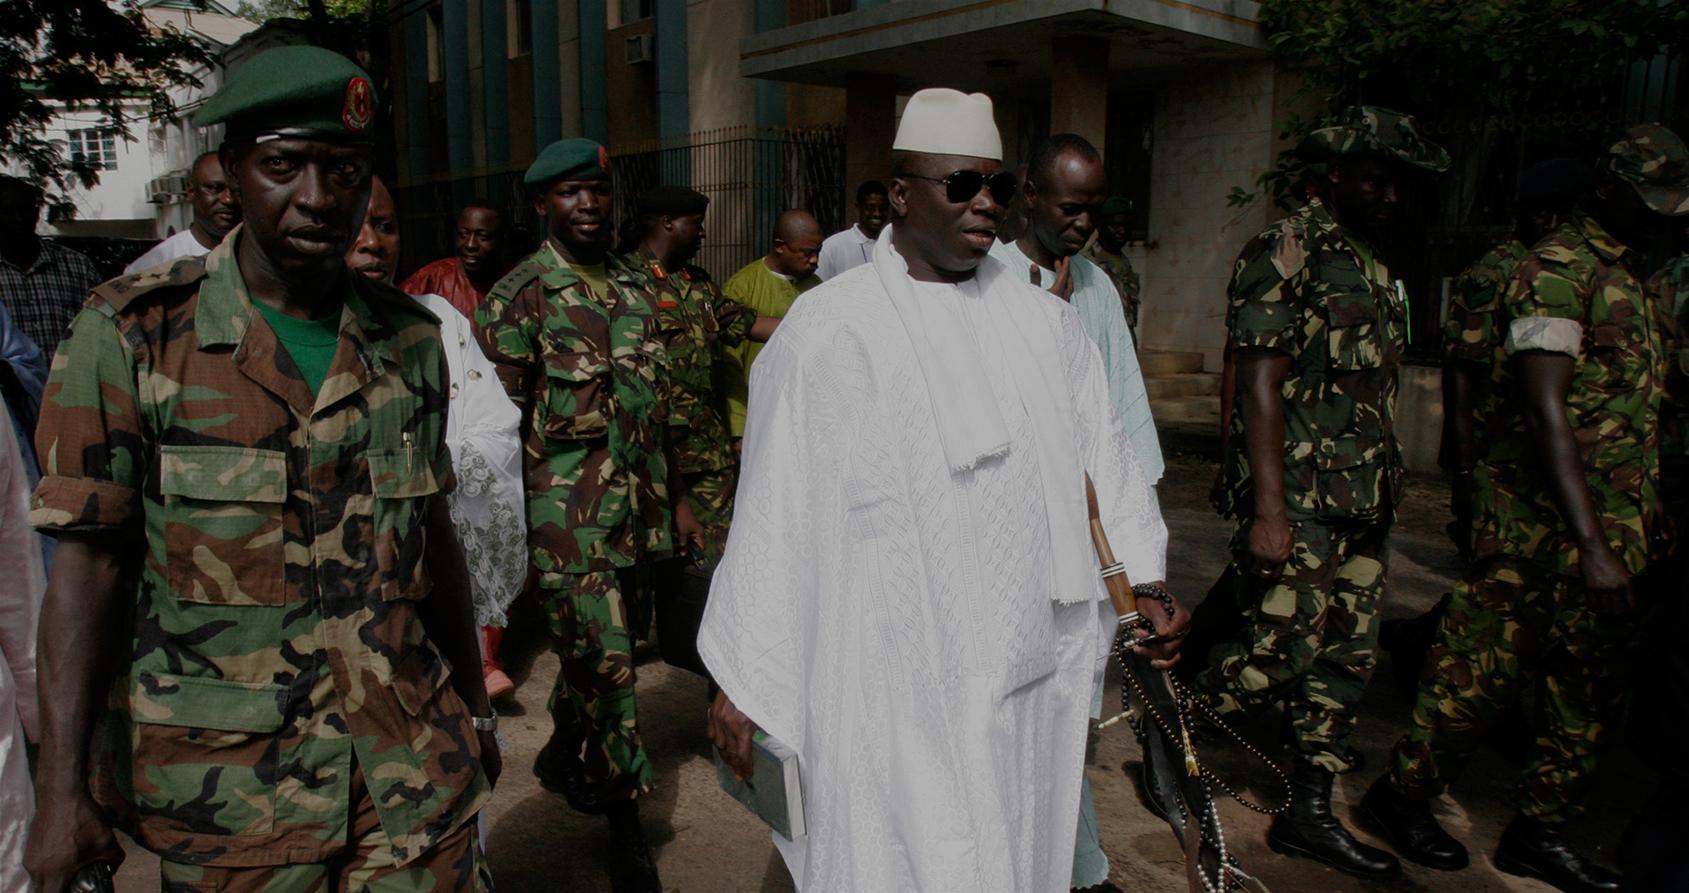 Un coup d'État à huit : au cœur de la tentative ratée de renverser le président de la Gambie